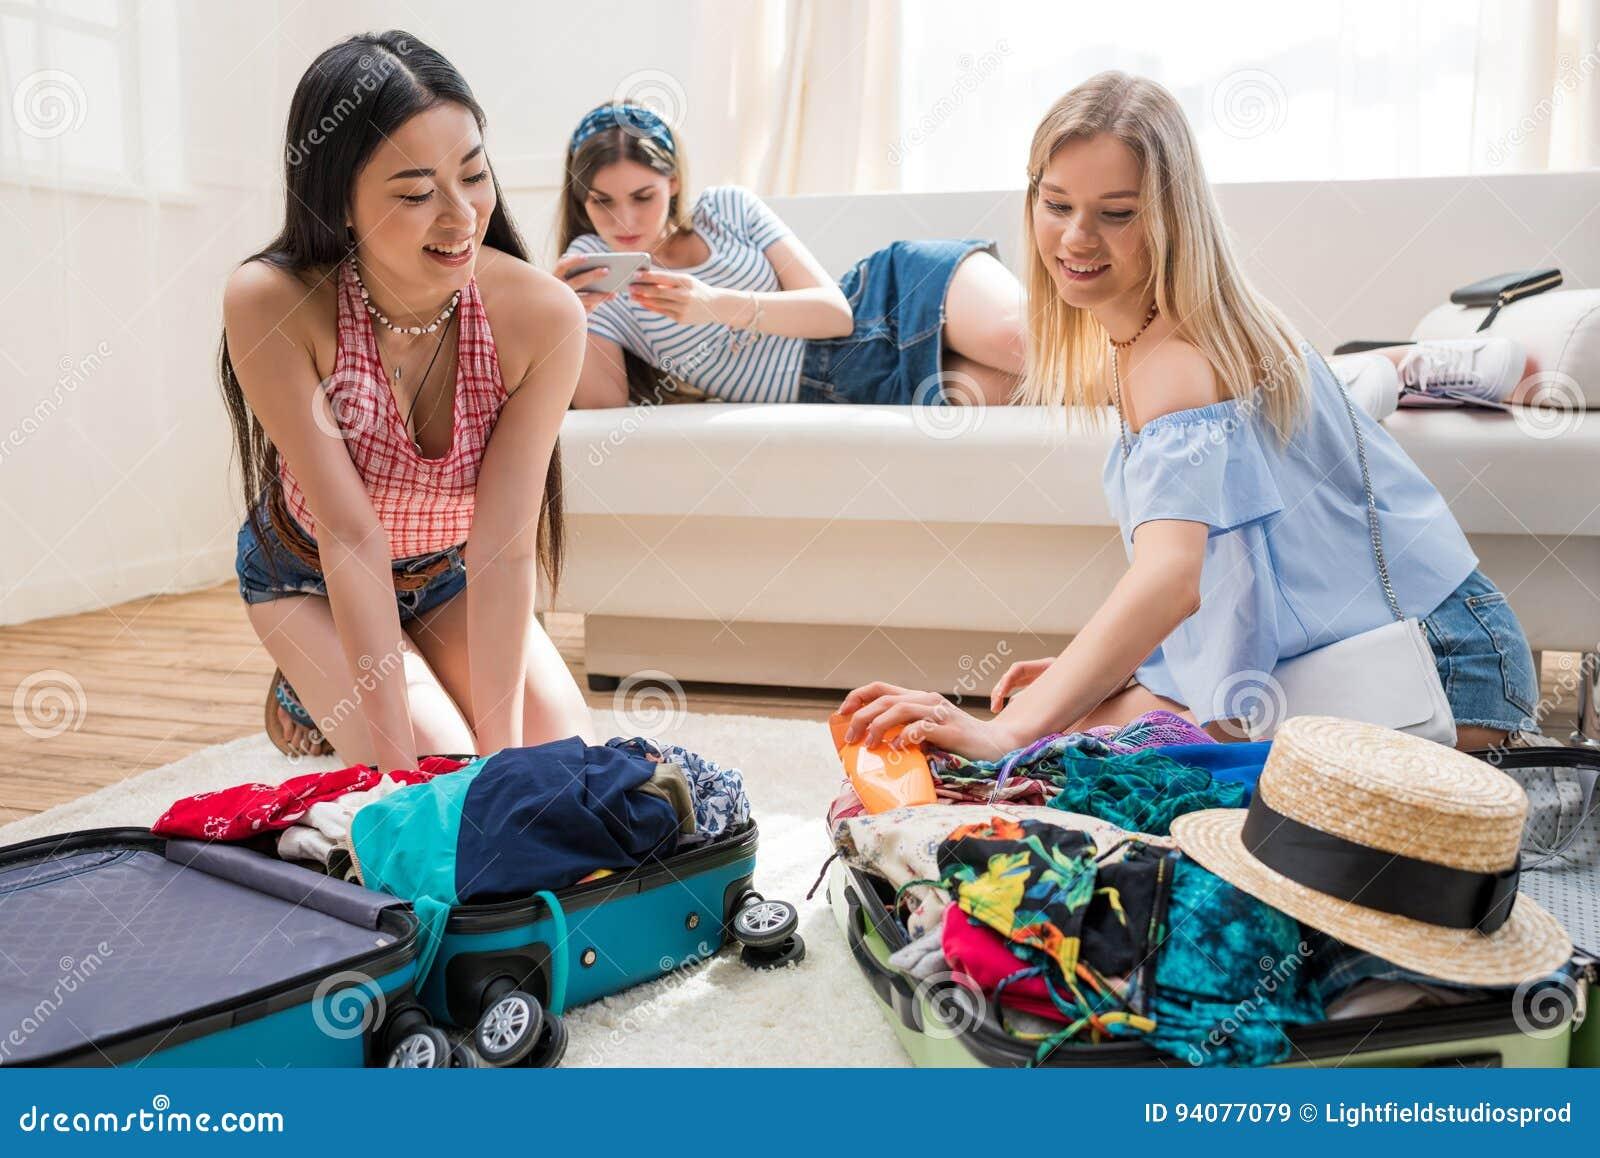 Пакуй чемоданы скачать чемоданы самсонит bright lite